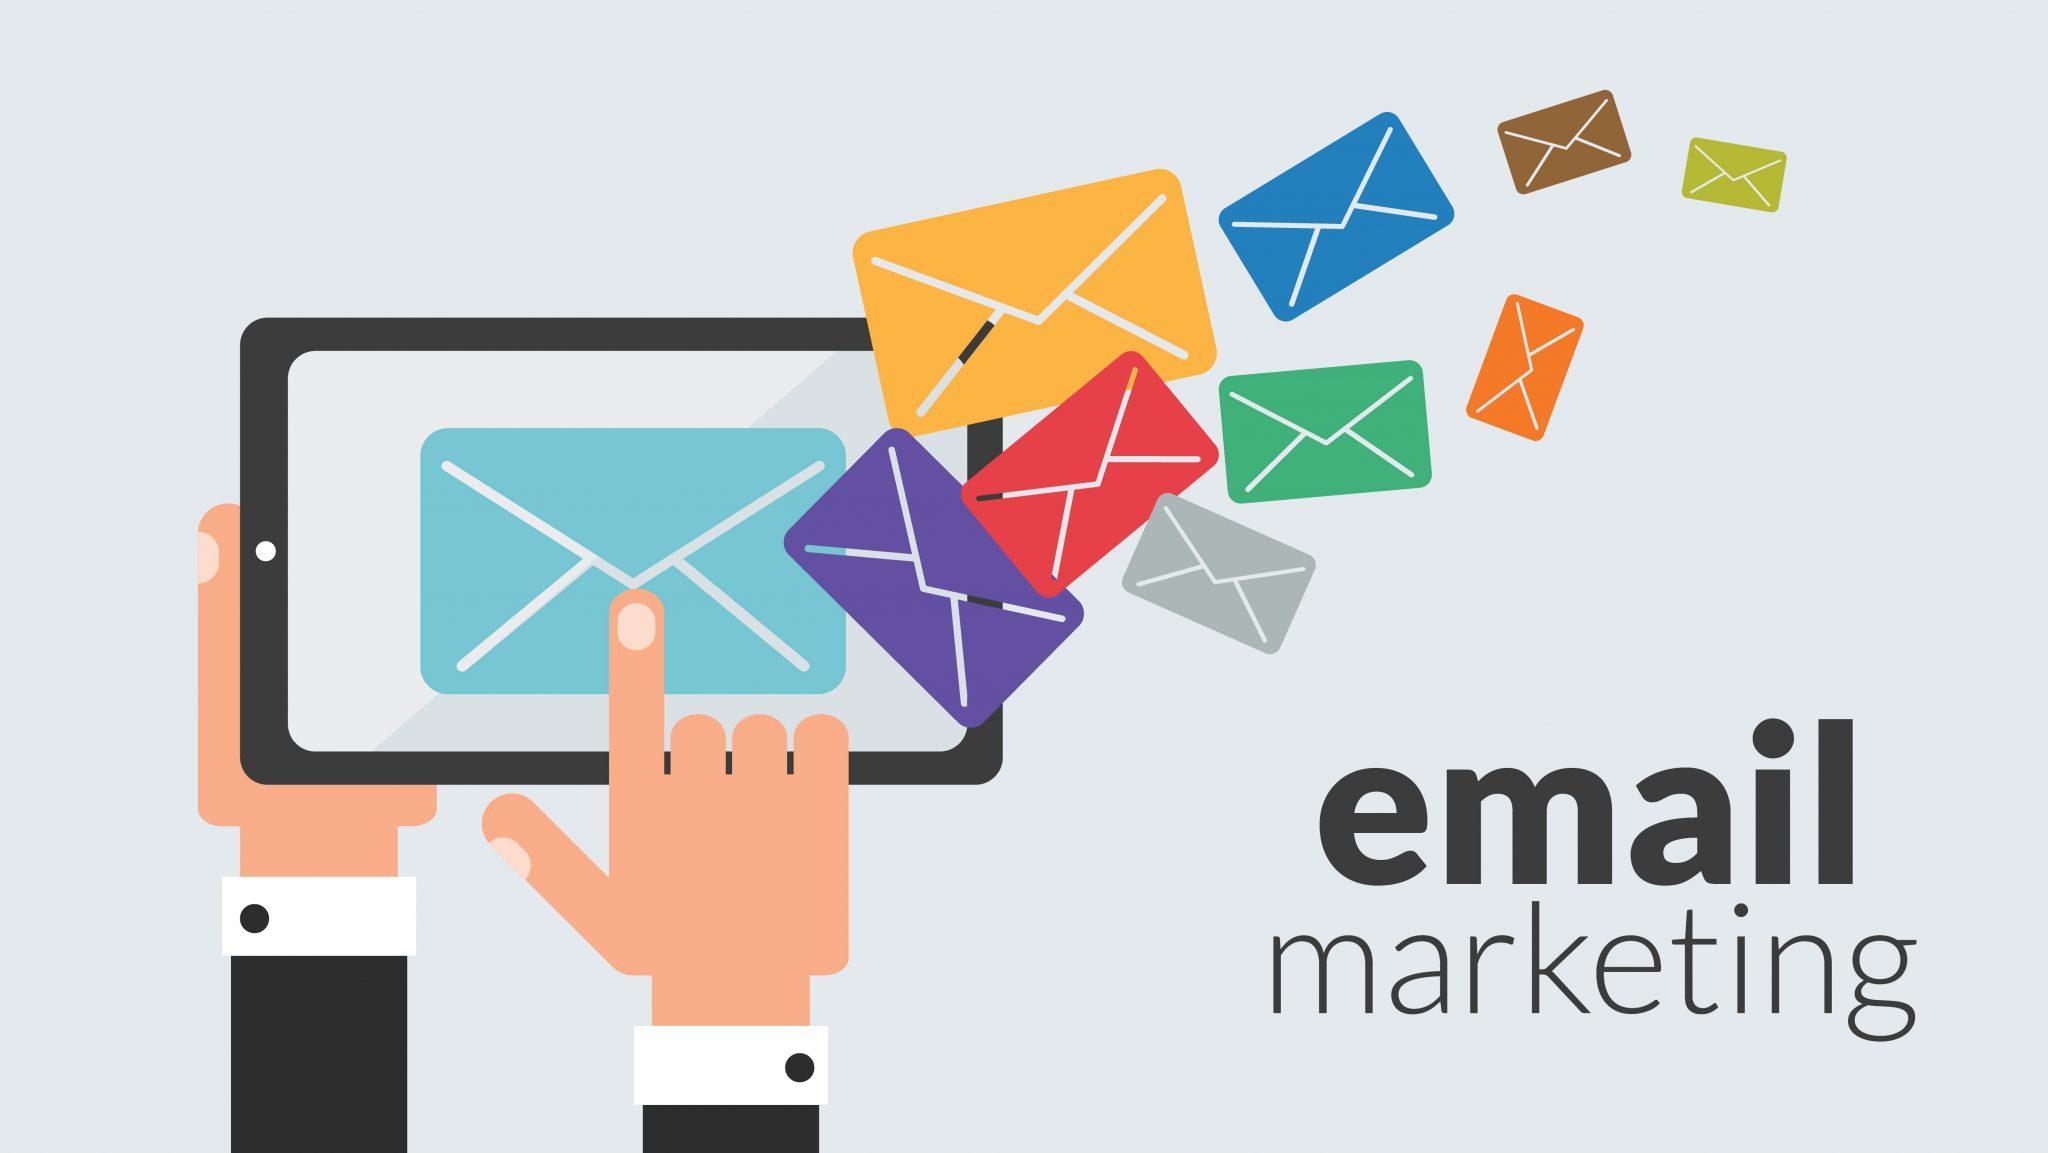 Điểm khác biệt nhất giữa email marketing và email spam?